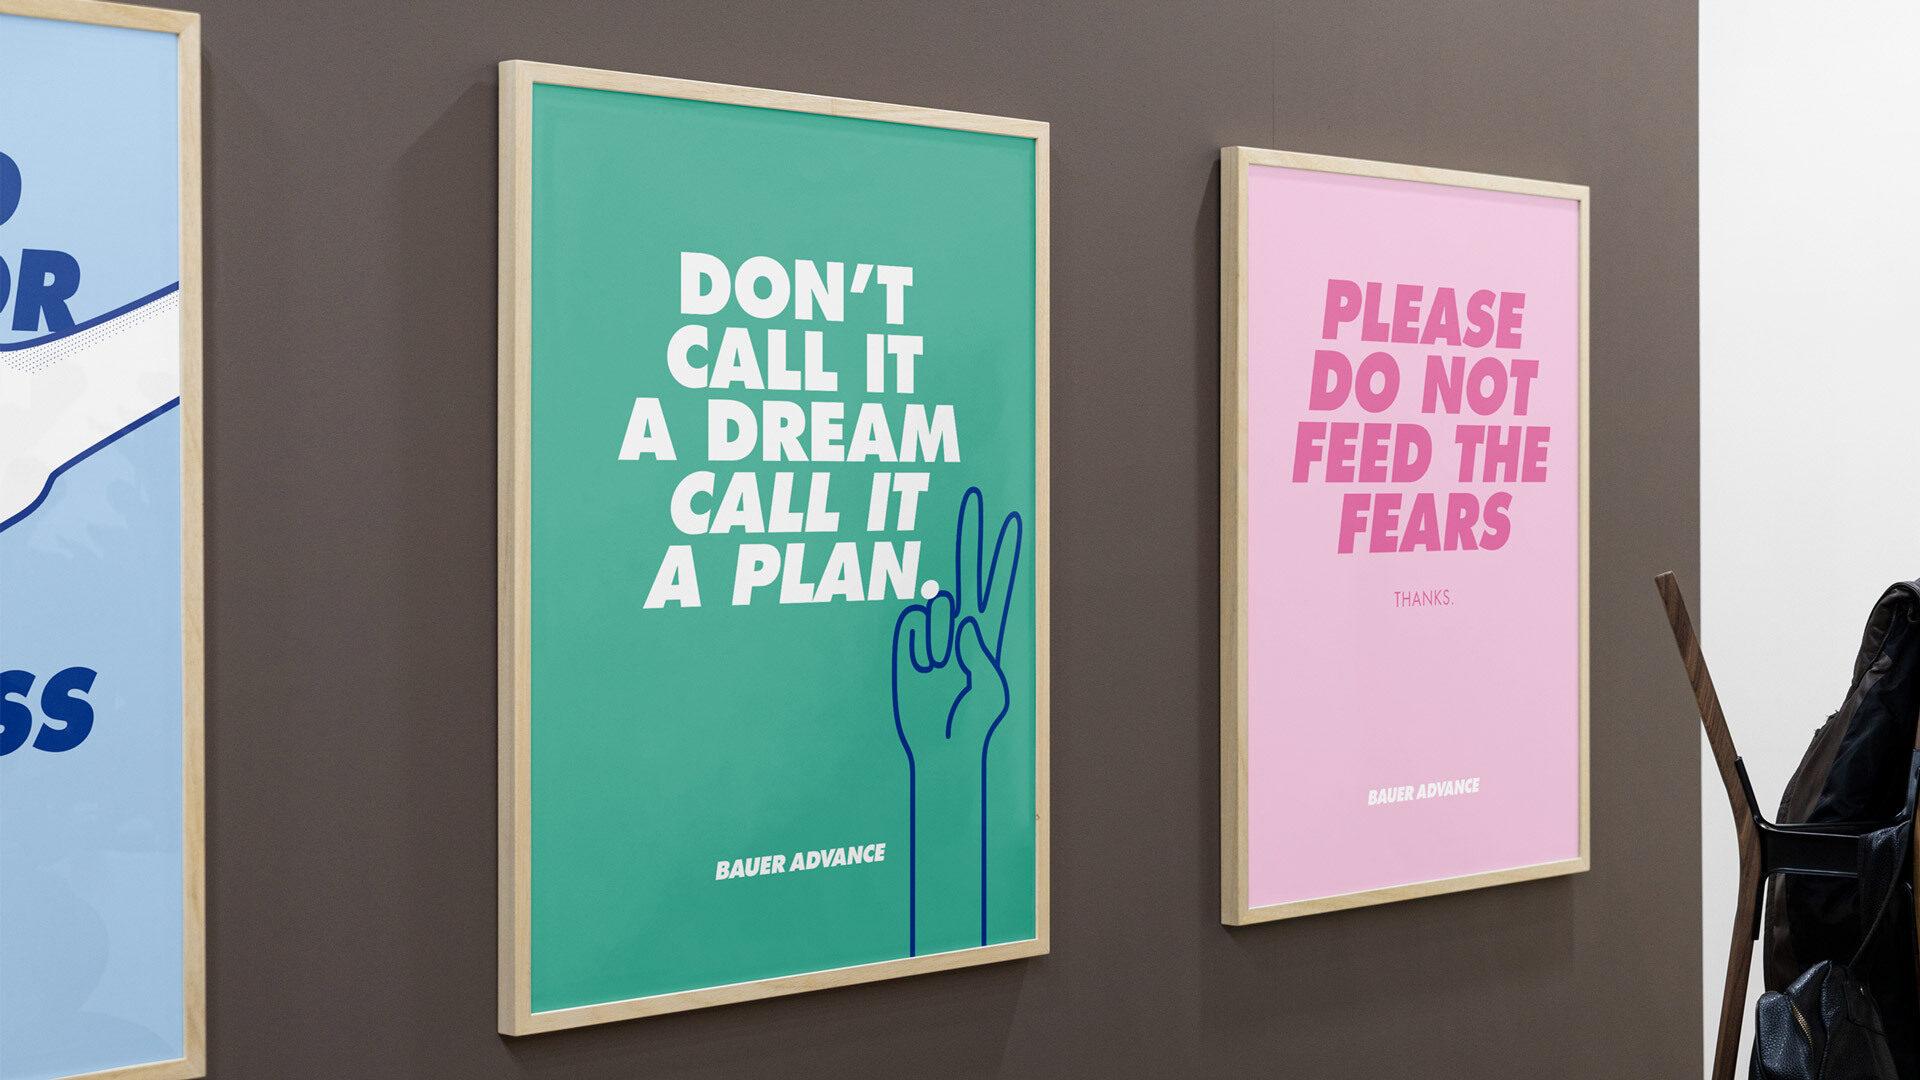 """Drei Poster in Bilderrahmen an einer Wand mit dem Text """"Don't call it a dream cal it a plan"""" auf grünem Papier und einer Handillustration"""